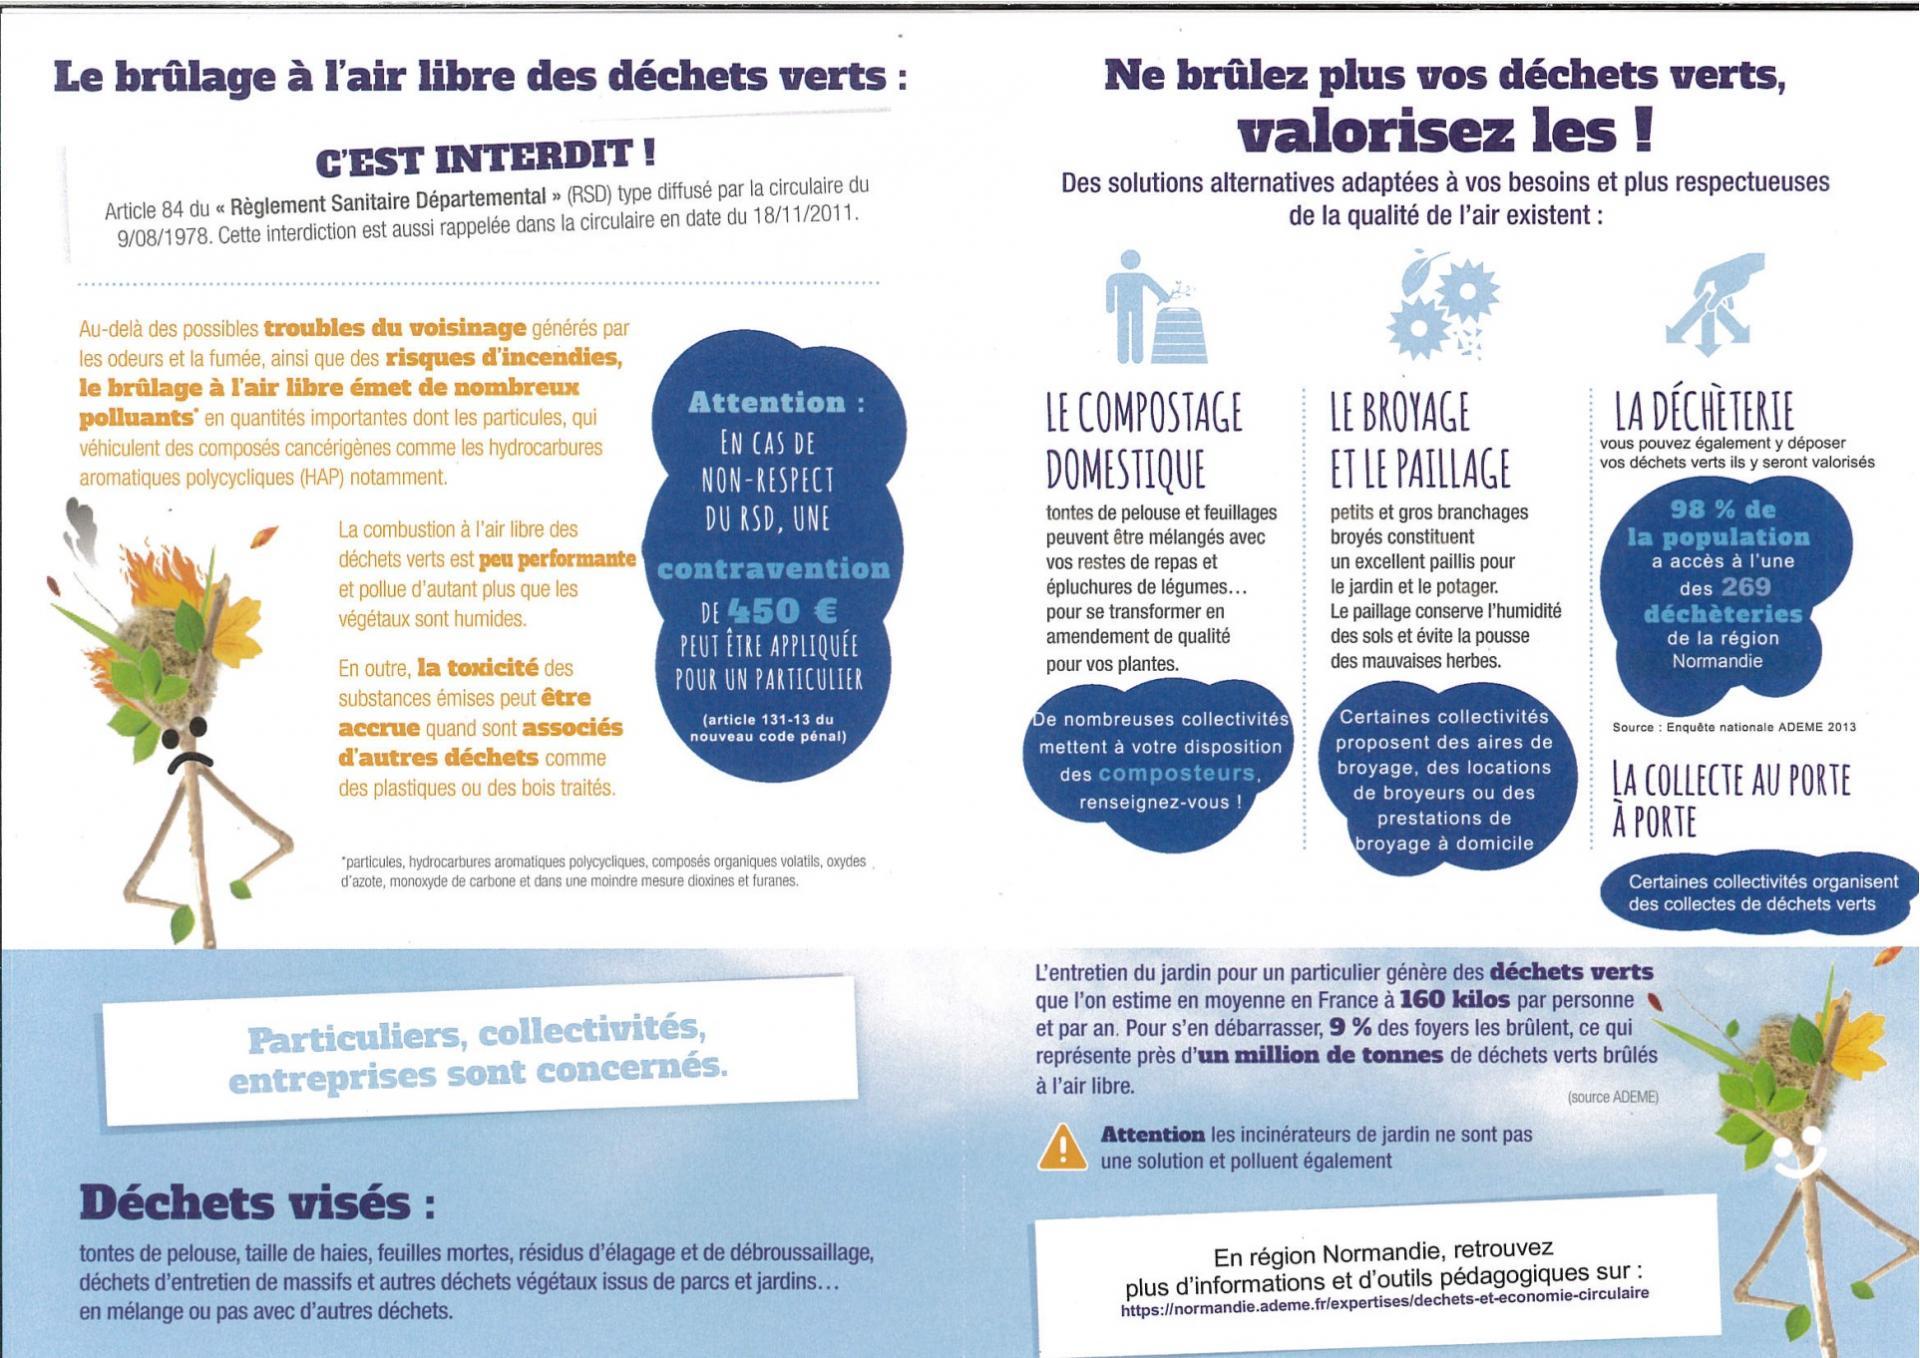 20180918 interdiction brulage dechet vert fiche